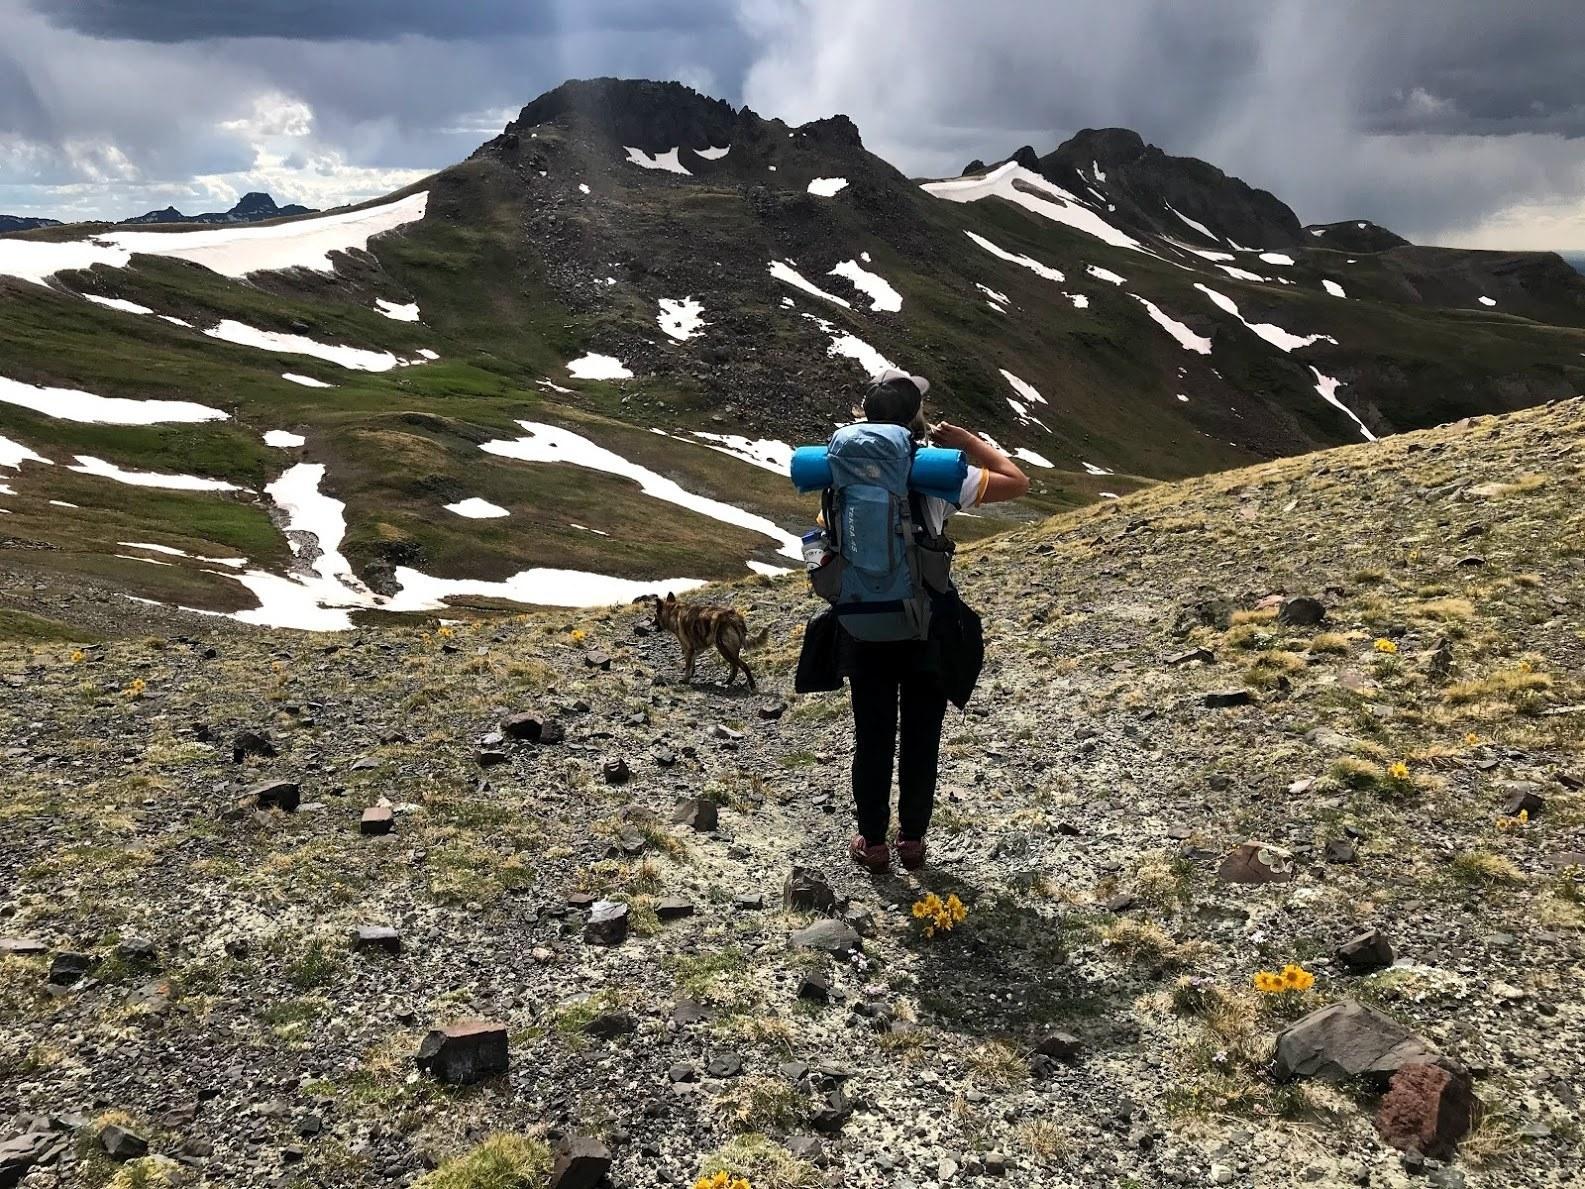 woman wearing a big backpack walking across rocky mountain terrain